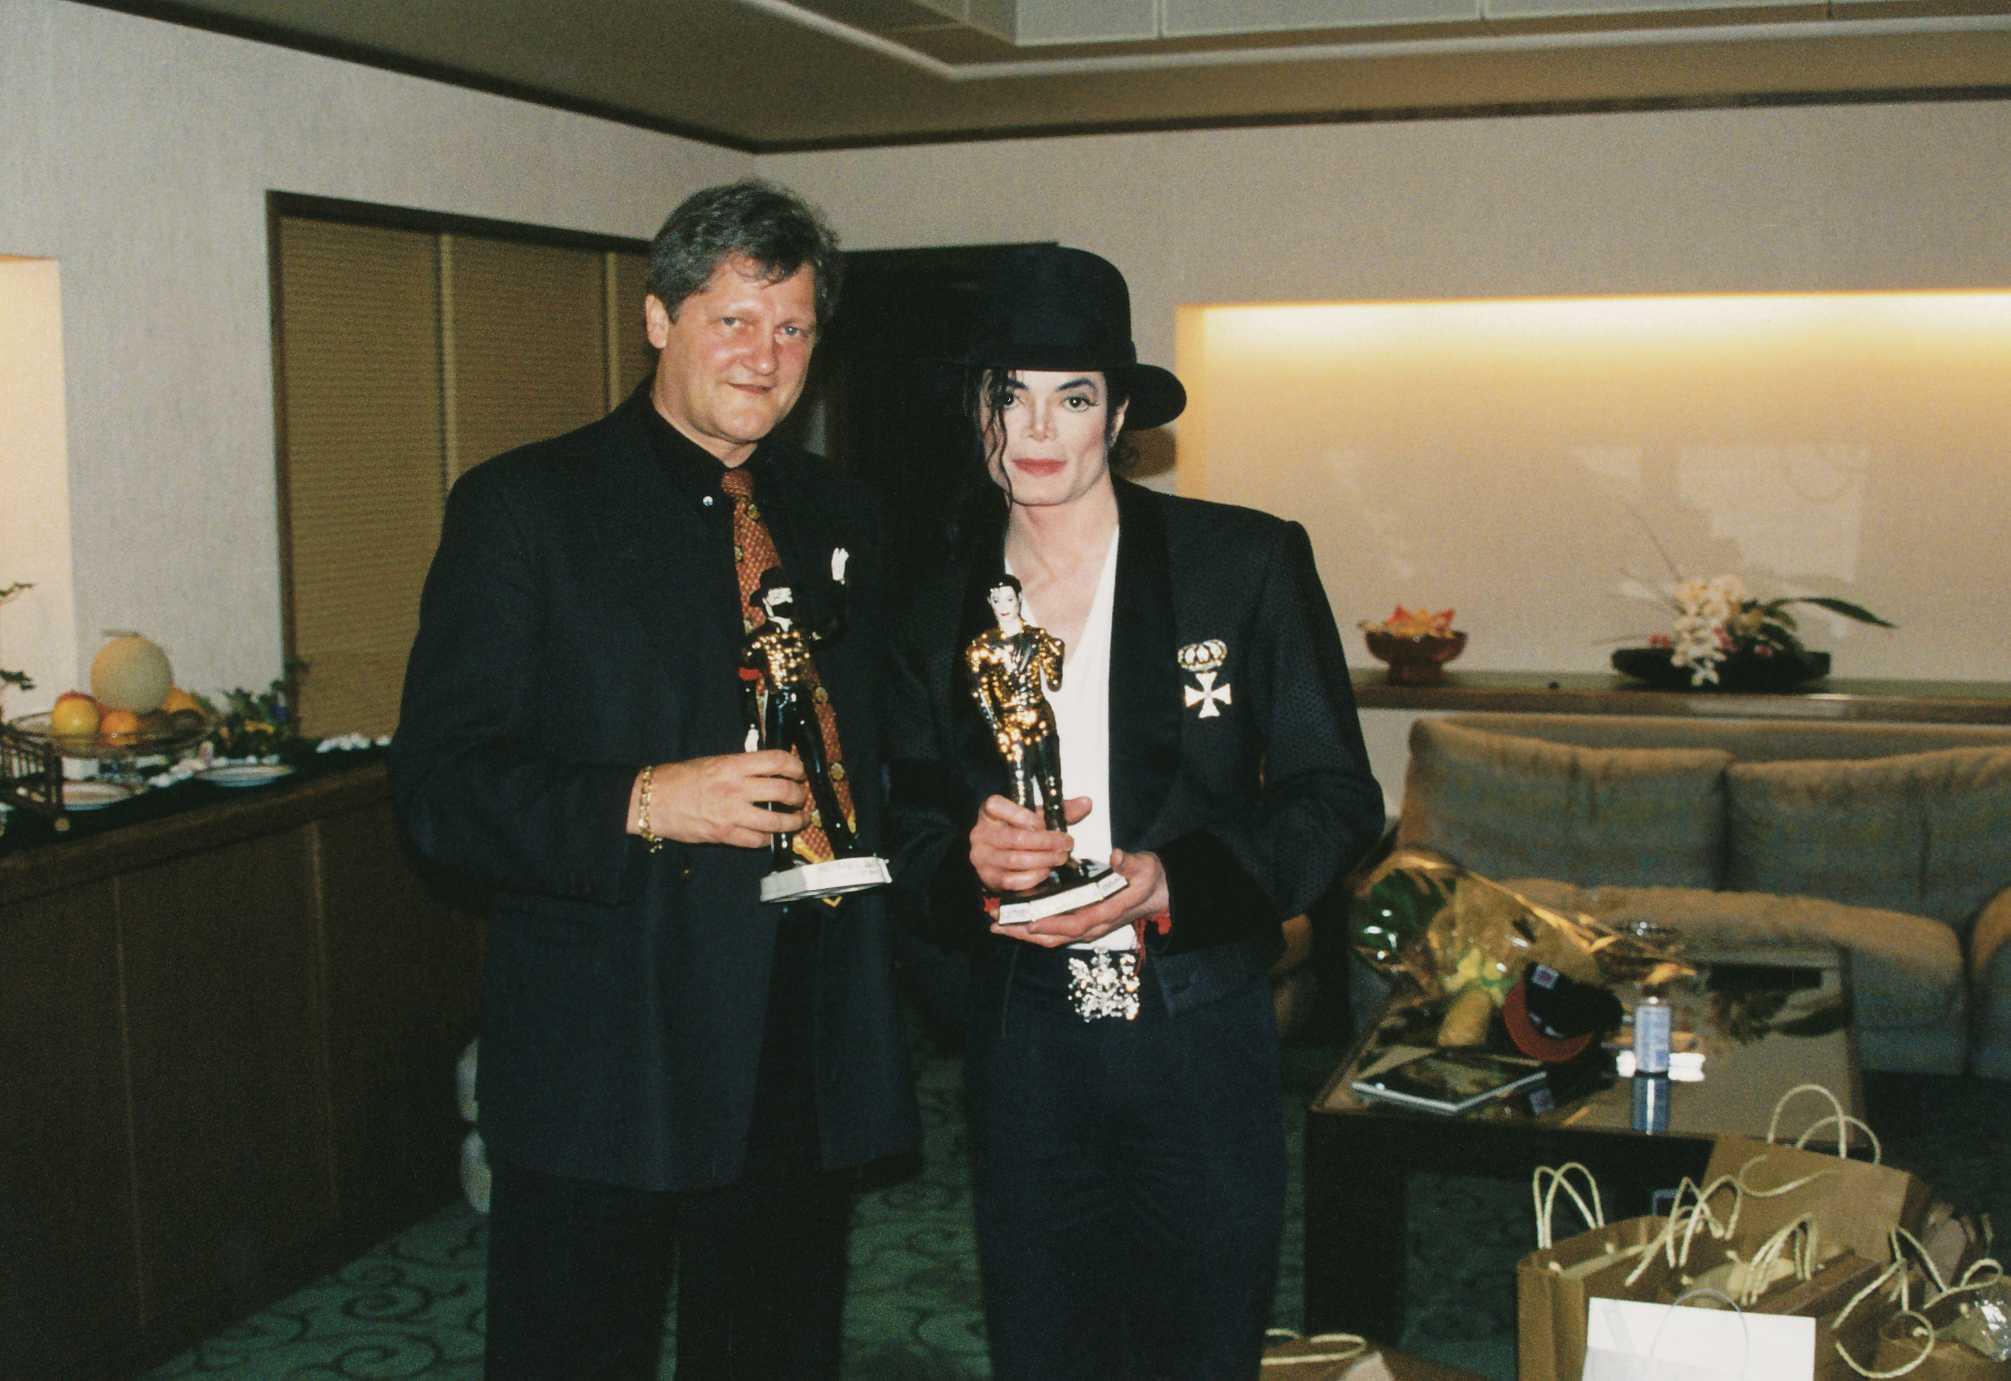 Dieter Wiesner & Michael Jackson 16